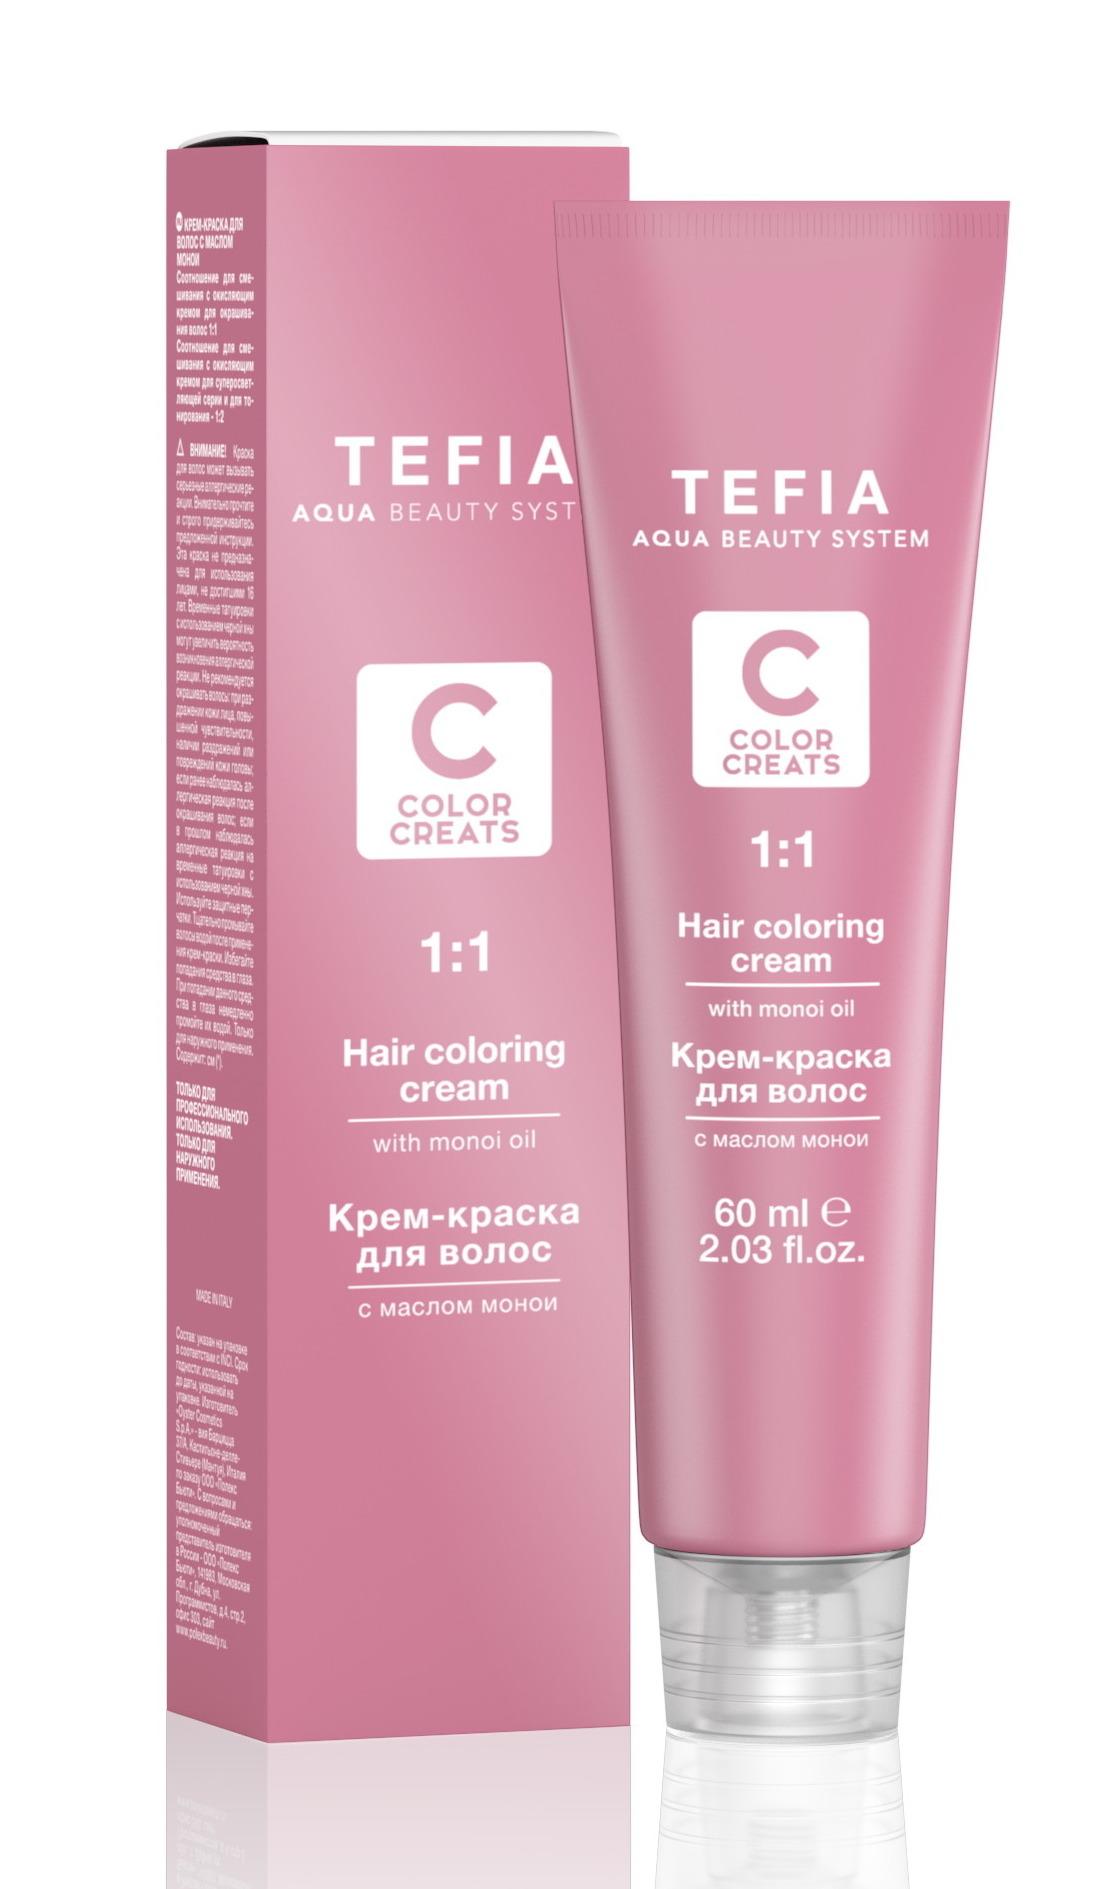 TEFIA Контраст красный / Color Creats 60 мл